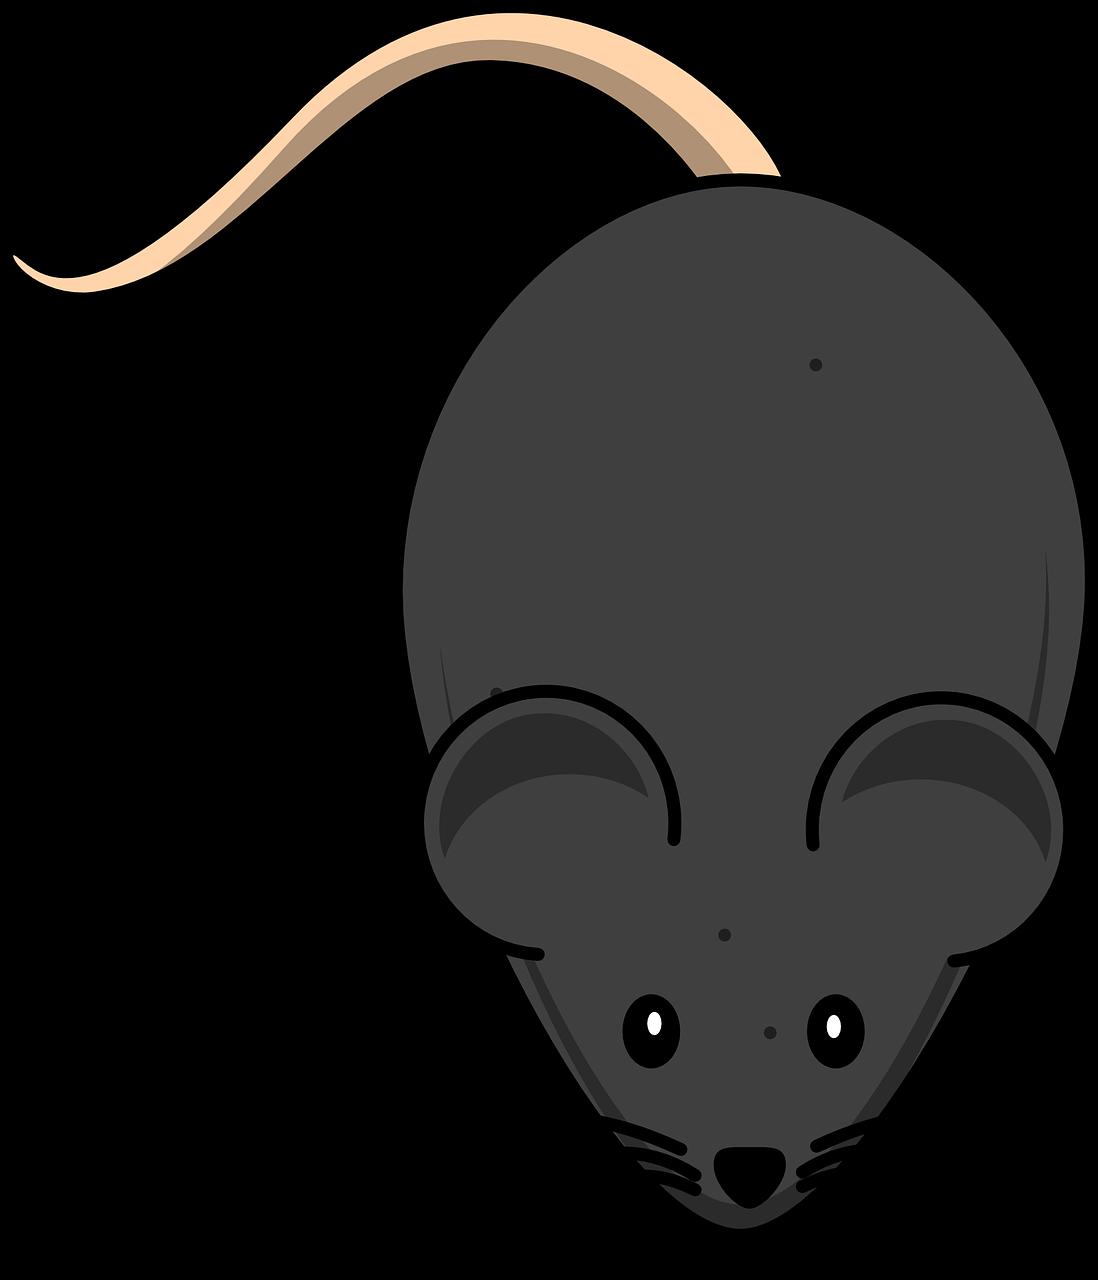 Картинки для мыши, моменты смешариков